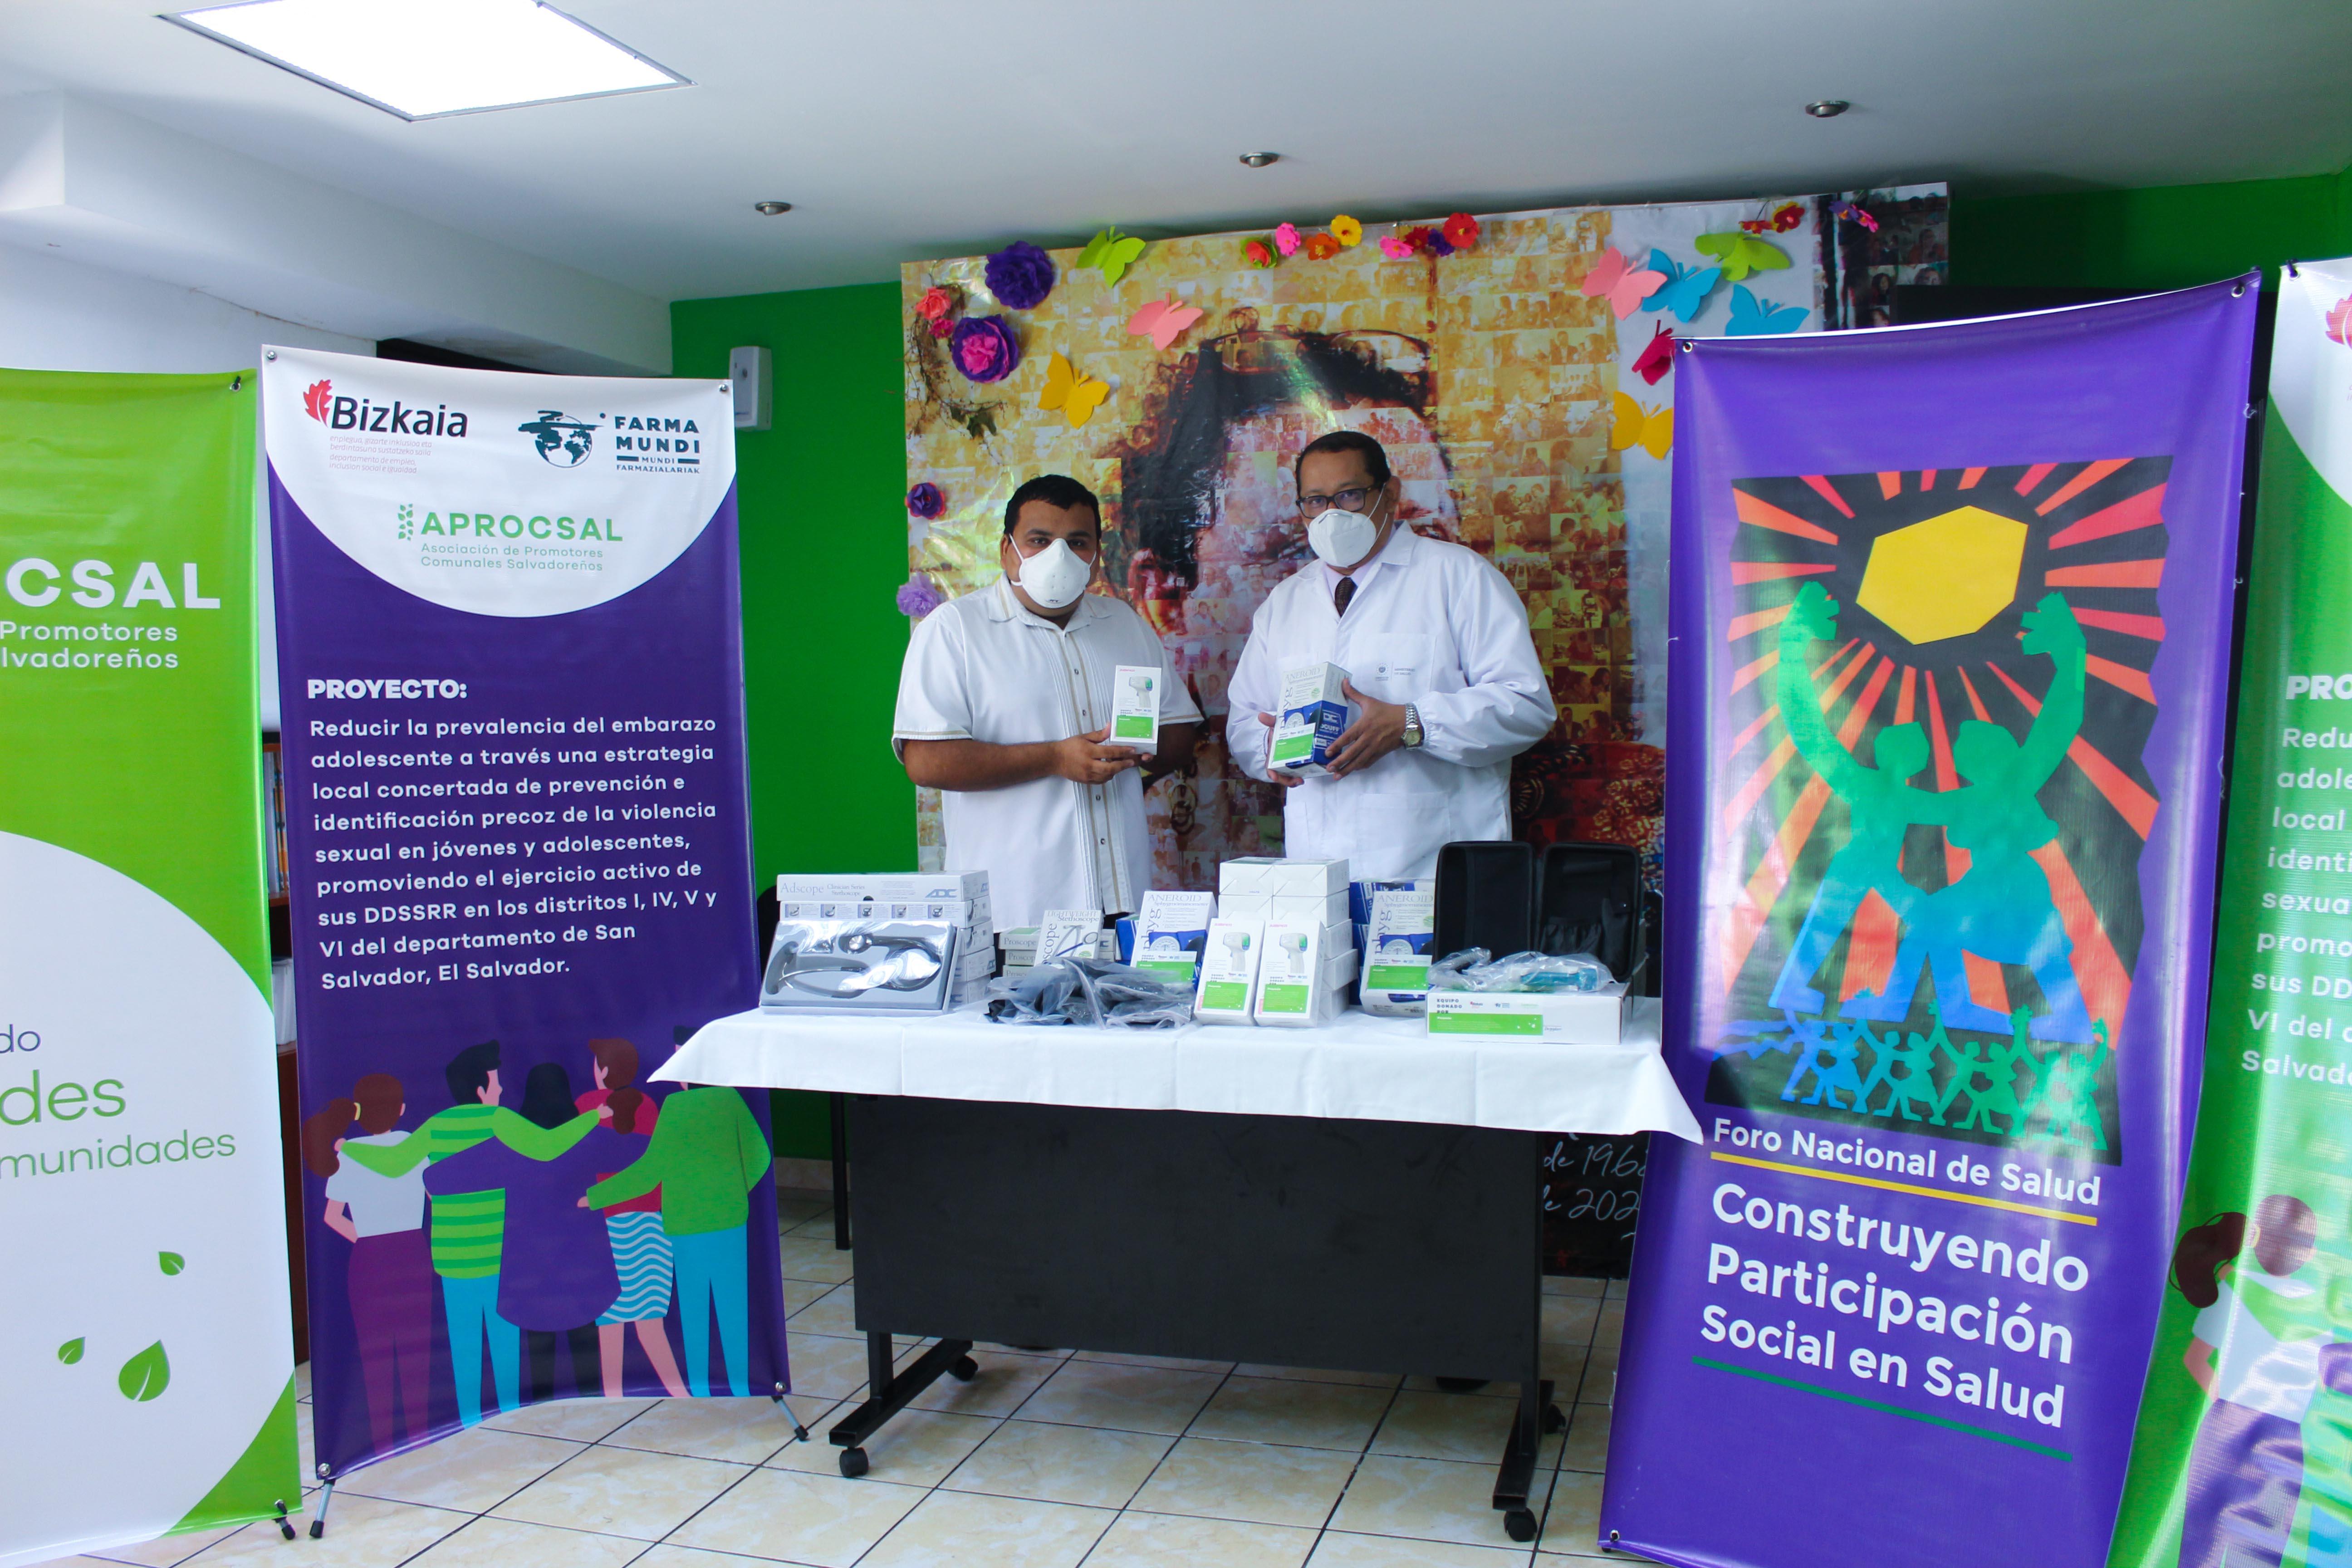 Nuevo equipamiento médico mejora la asistencia a adolescentes embarazadas en El Salvador